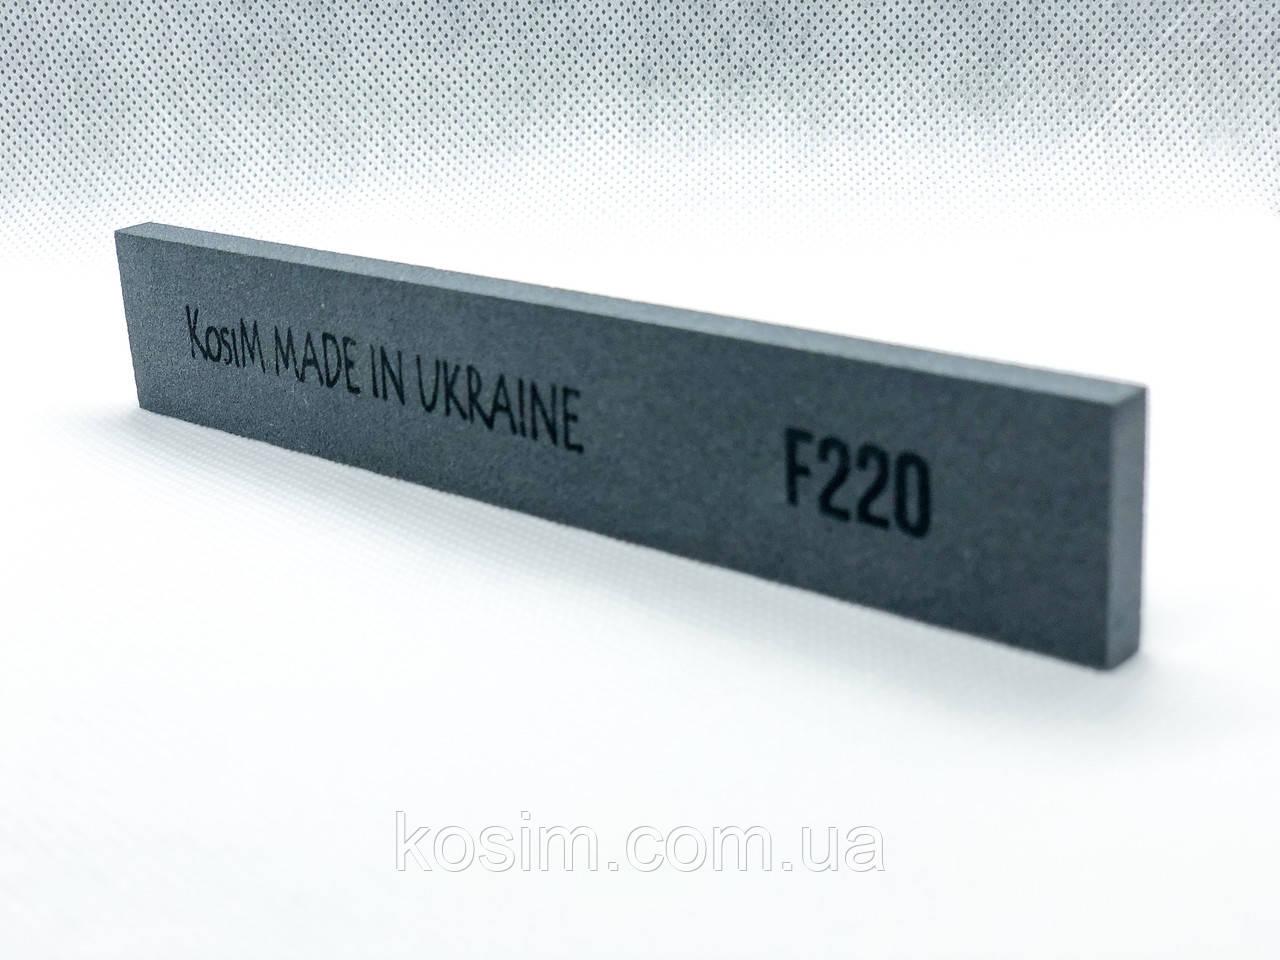 Точильный брусок KosiM F220 карбида кремния 150*25*6 мм для точилок типа Apex